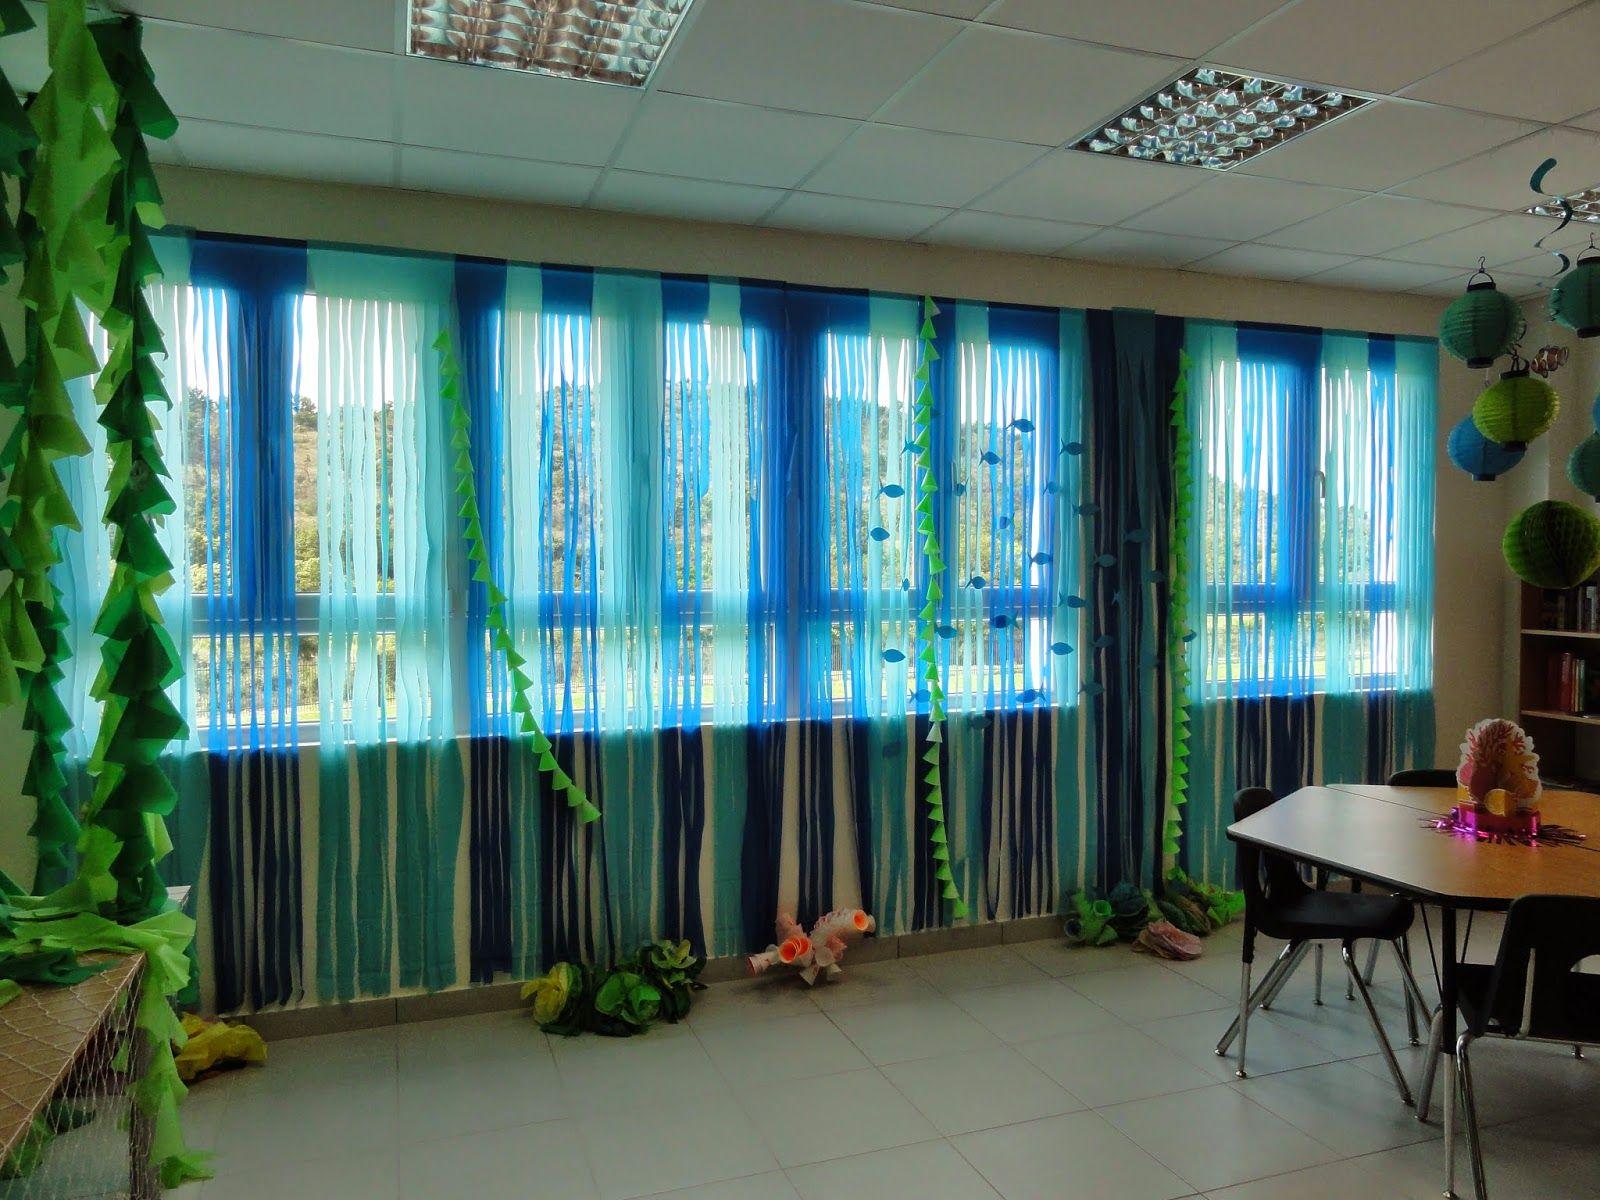 Window decoration for kindergarten  ocean themed classroom the charming classroom  ocean themed